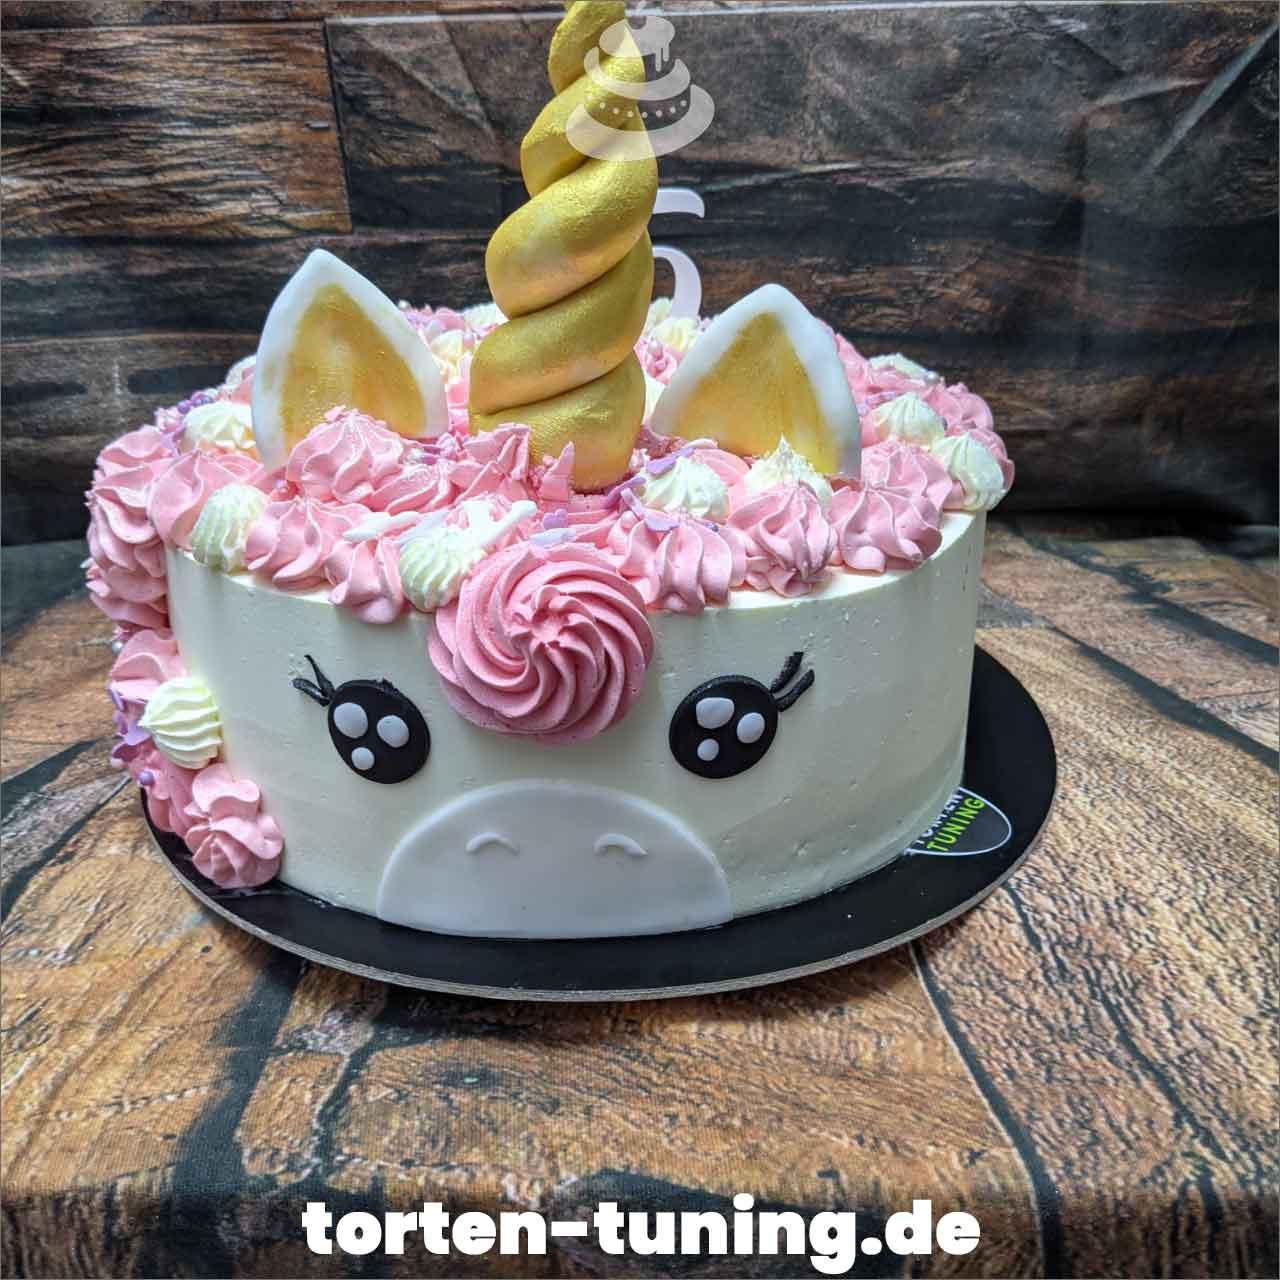 Einhorn Kopf Gesicht rosa Dripcake Obsttorte Geburtstagstorte Motivtorte Torte Tortendekoration Torte online bestellen Suhl Thüringen Torten Tuning Sahnetorte Tortenfiguren Cake Topper